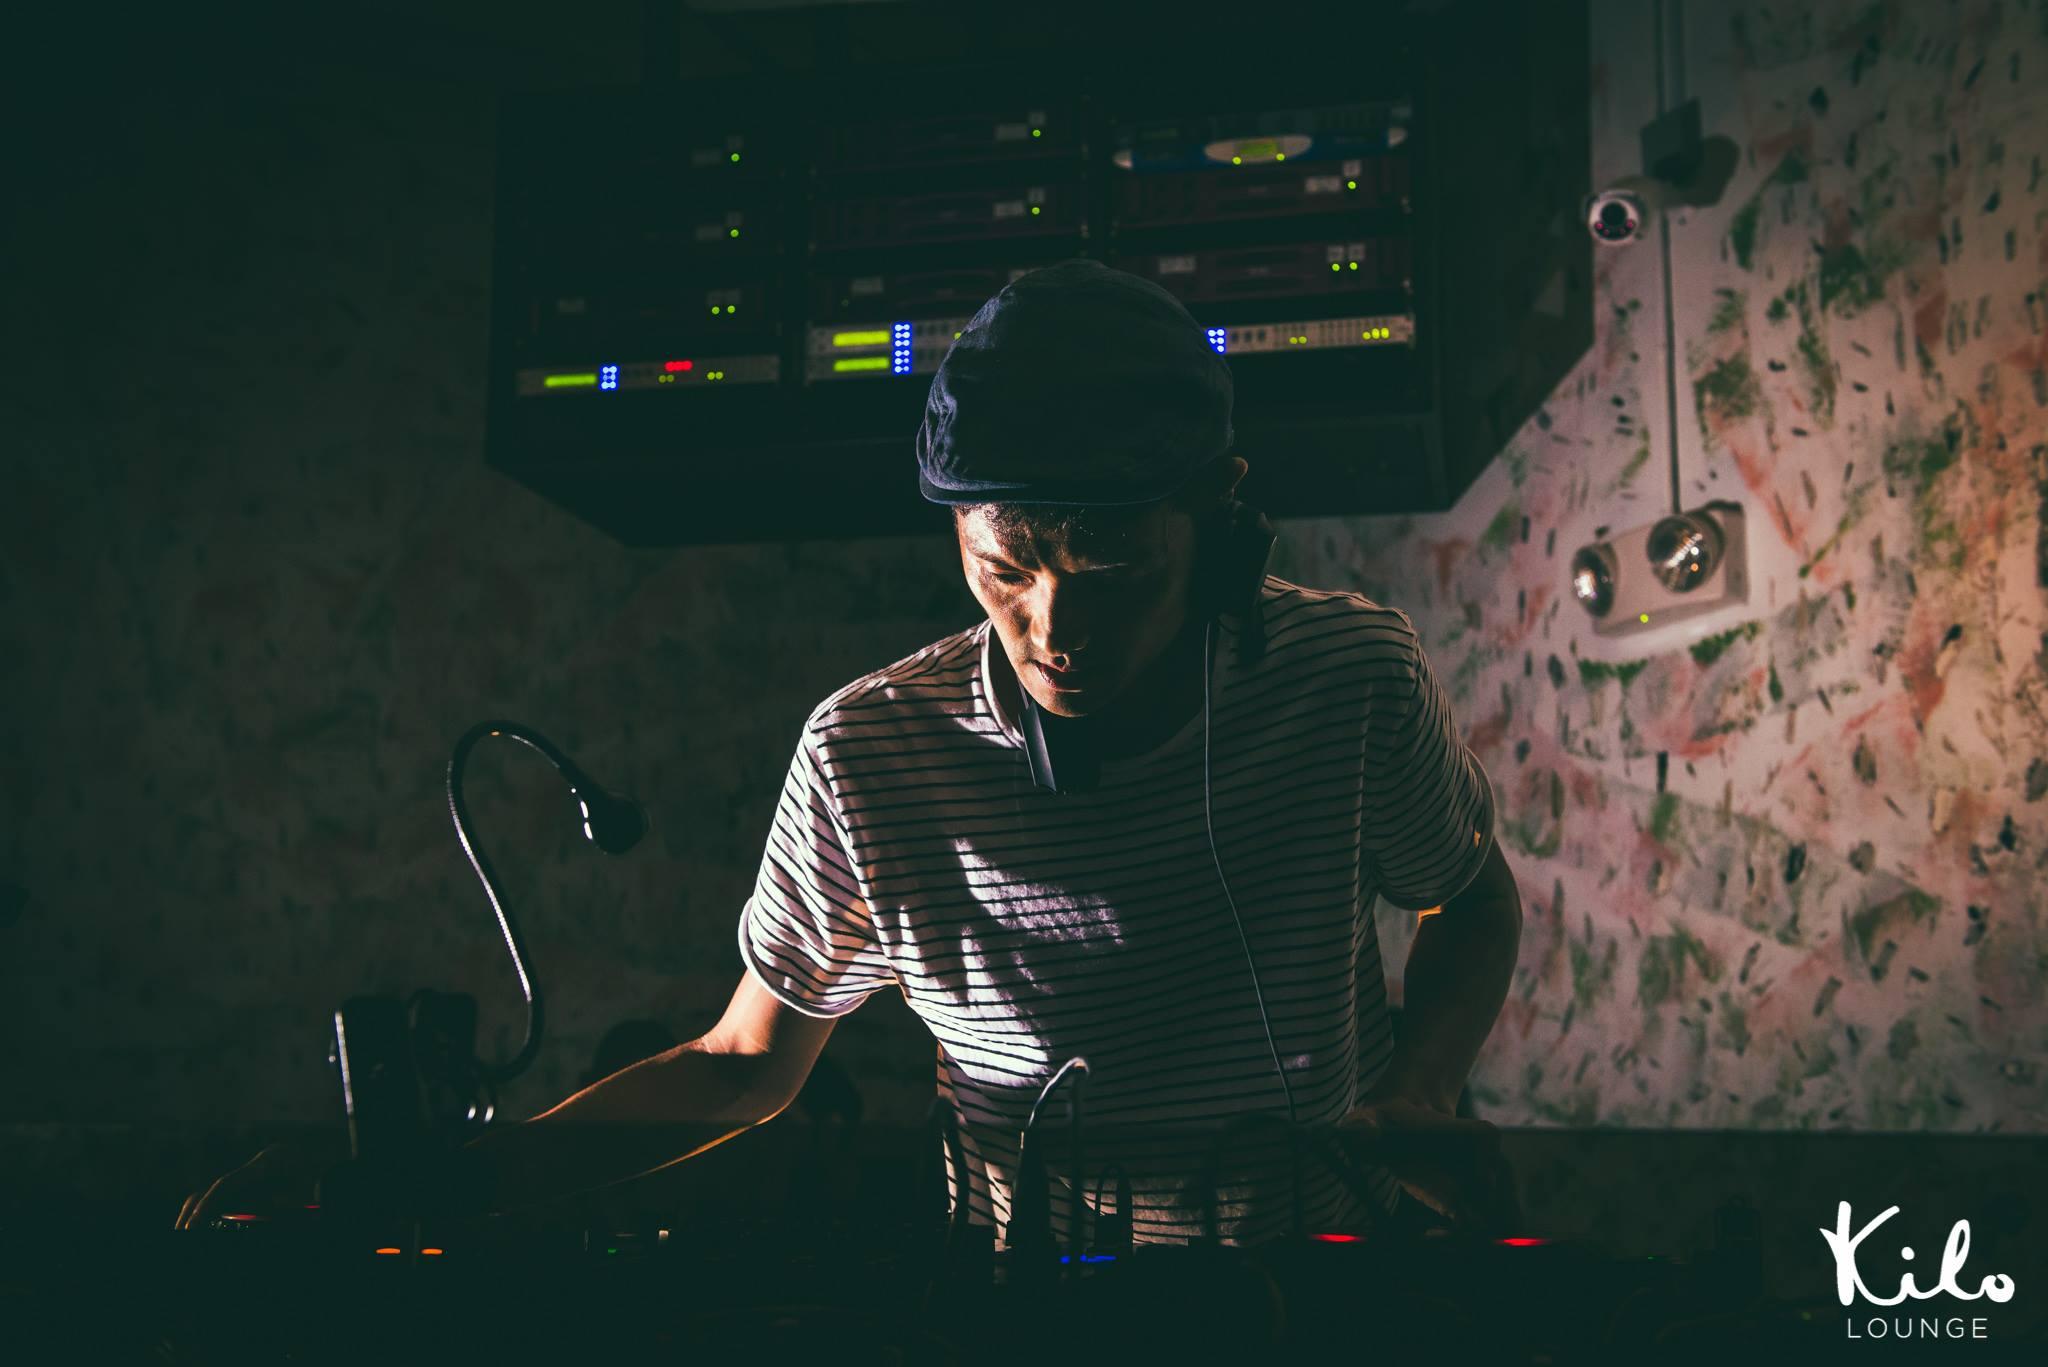 FUNK BSTRD at Kilo Lounge (Photo credits: Darker Than Wax Facebook)